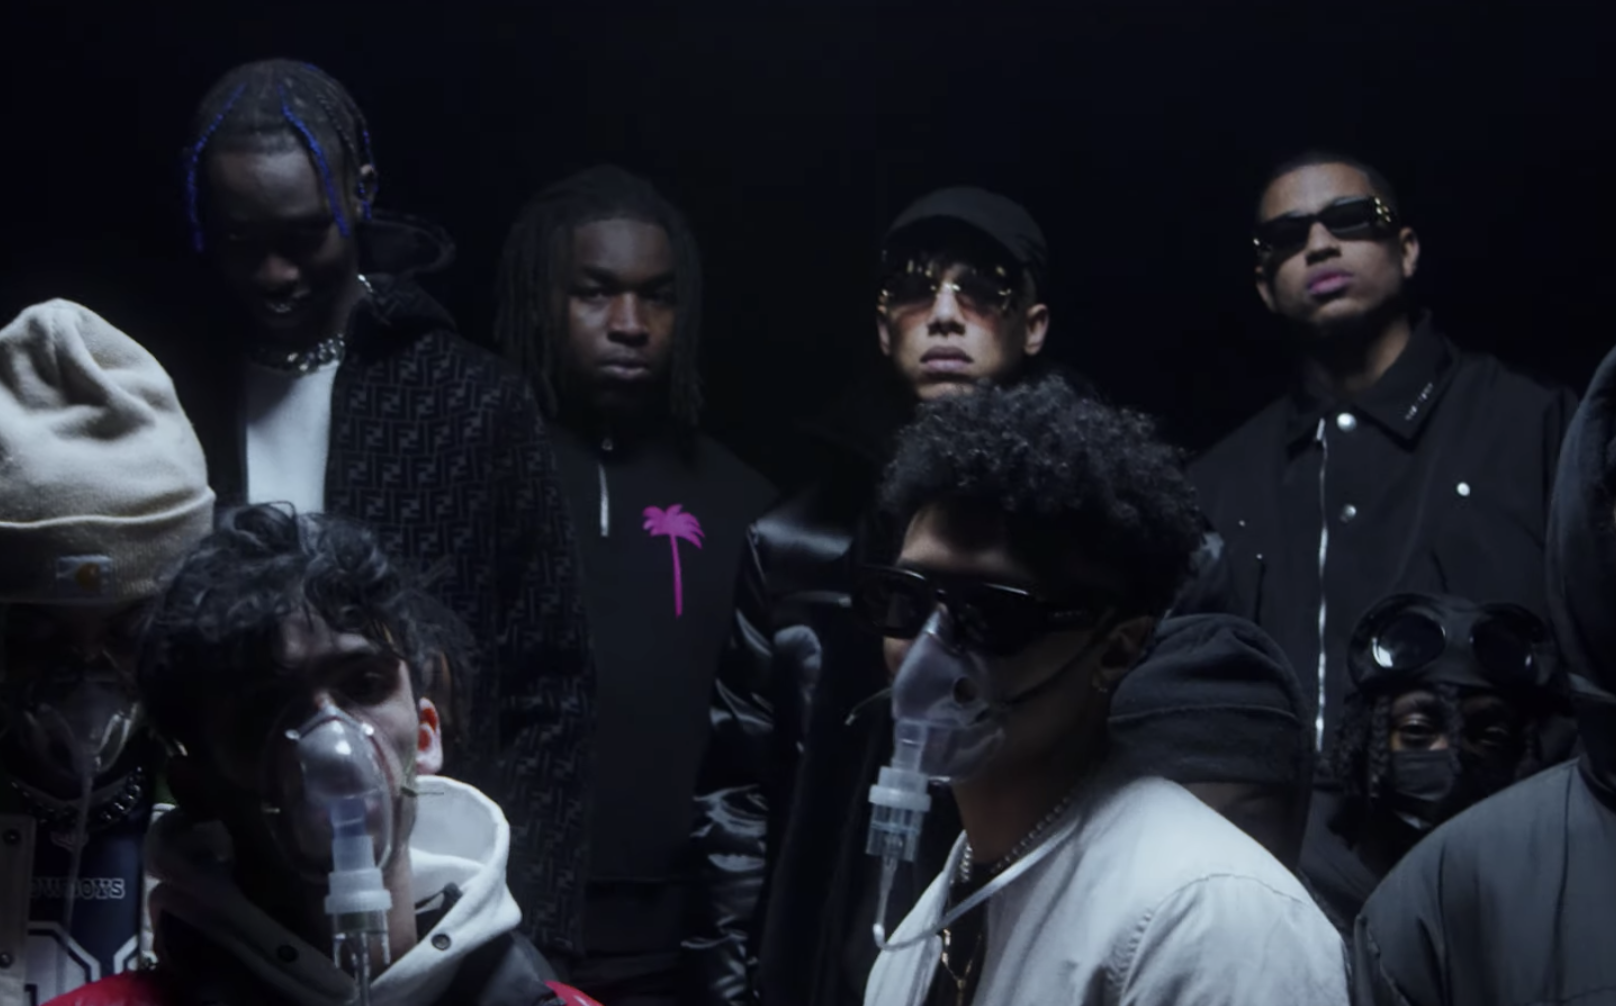 Le producteur Chuki Beats a décidé de fêter la fin du couvre feu belge en produisant un titre. On y retrouve YG Pablo, Frenetik et Geeeko.